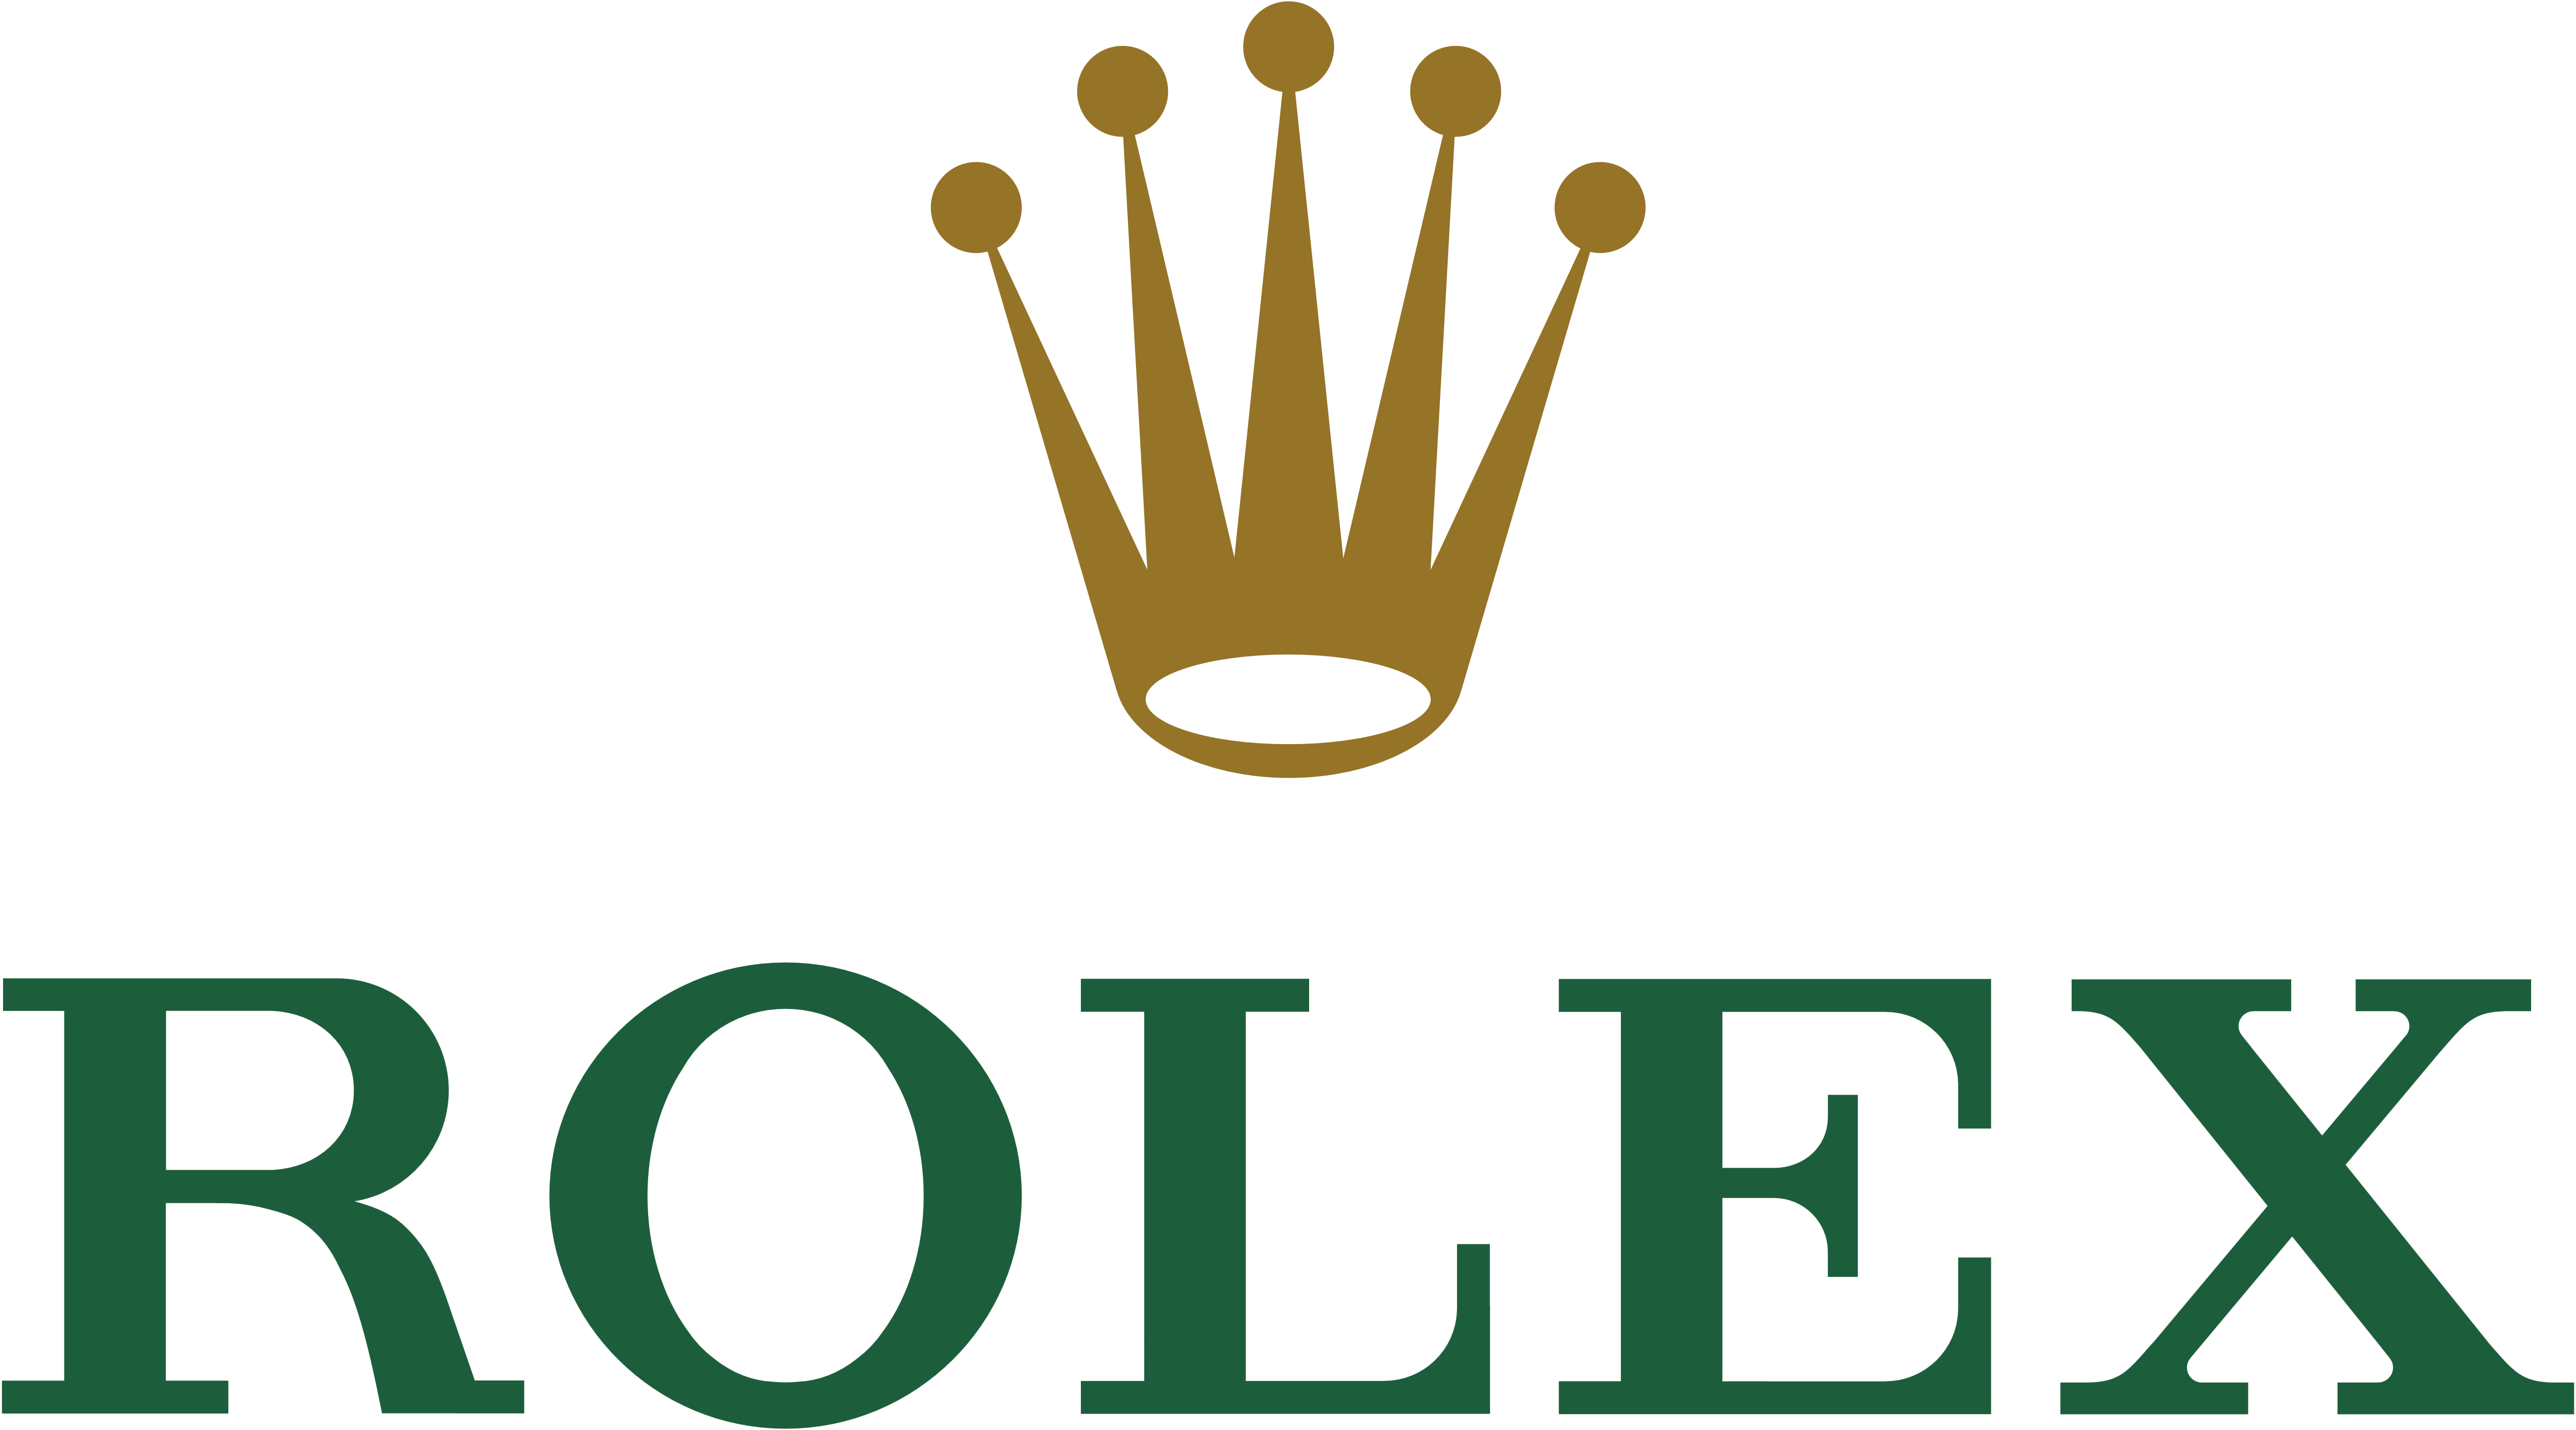 rolex logo ile ilgili görsel sonucu